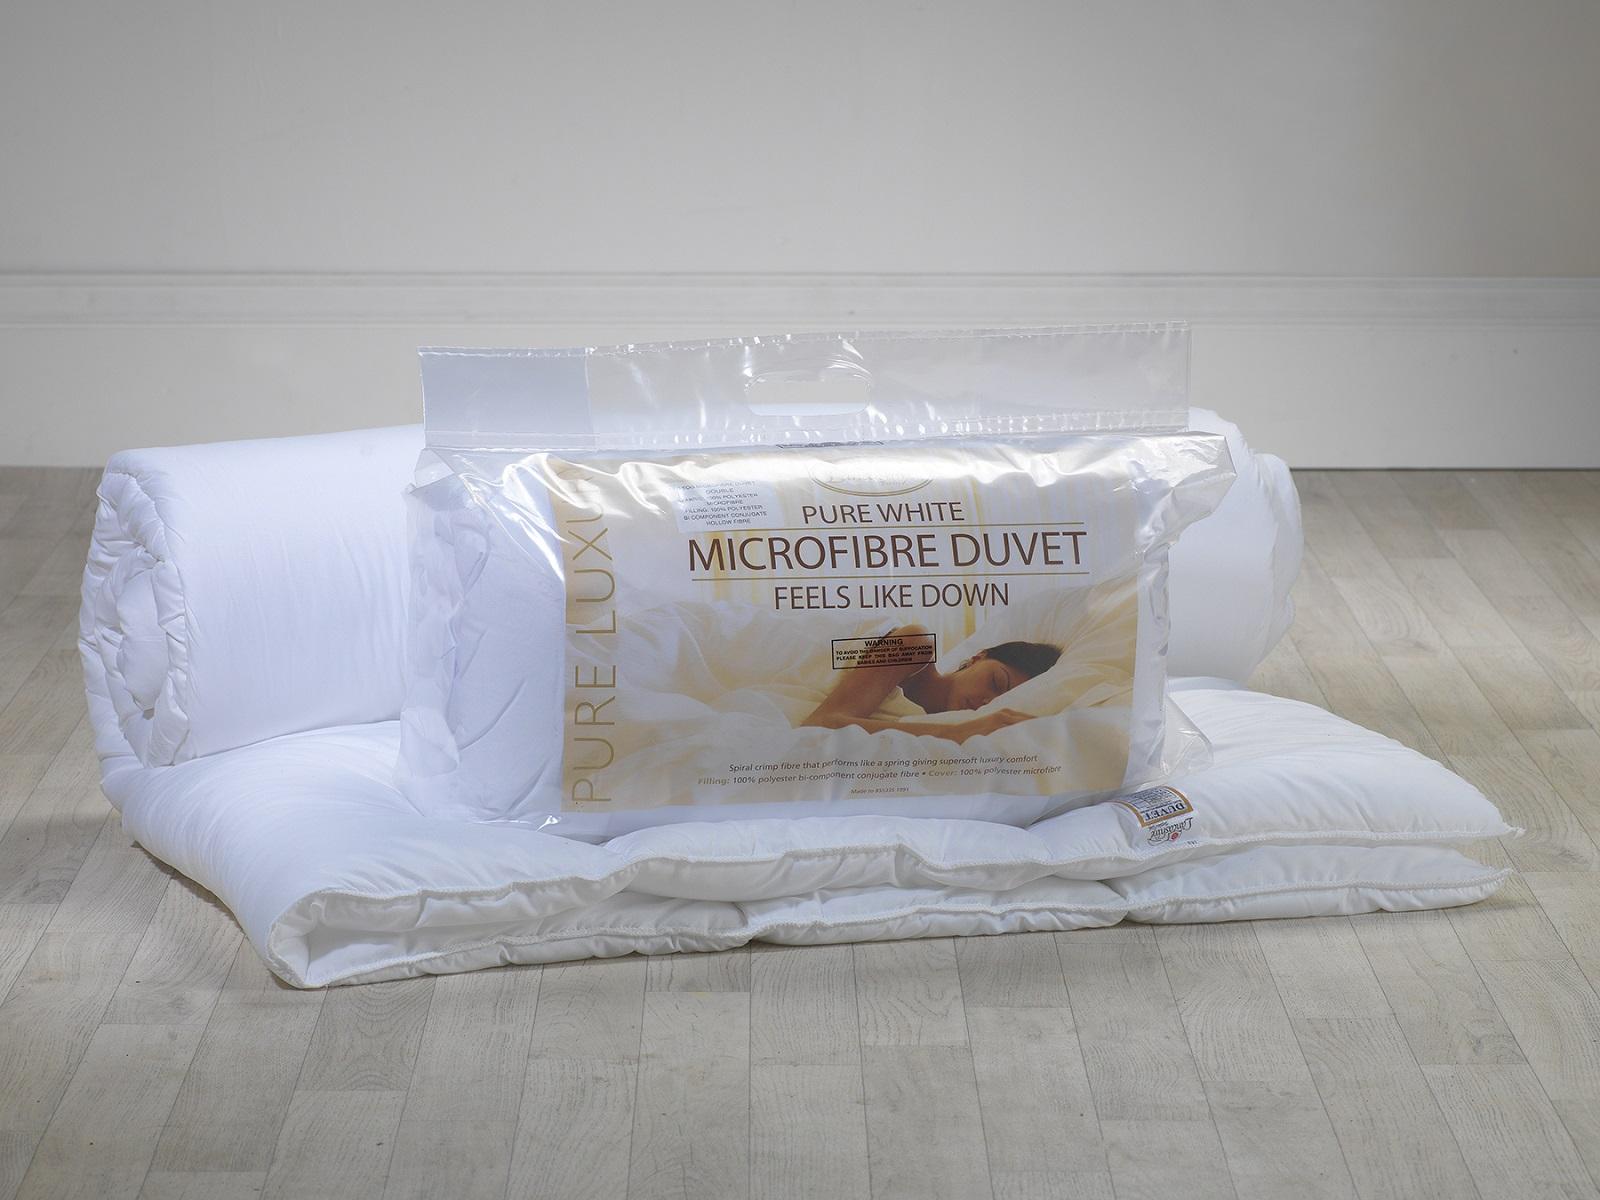 Soft As VERSO VERSO VERSO IL BASSO IN MICROFIBRA 10.5 Tog TUTTO L'ANNO INTORNO A Trapunta Piumini D'oca-Made in UK 381086